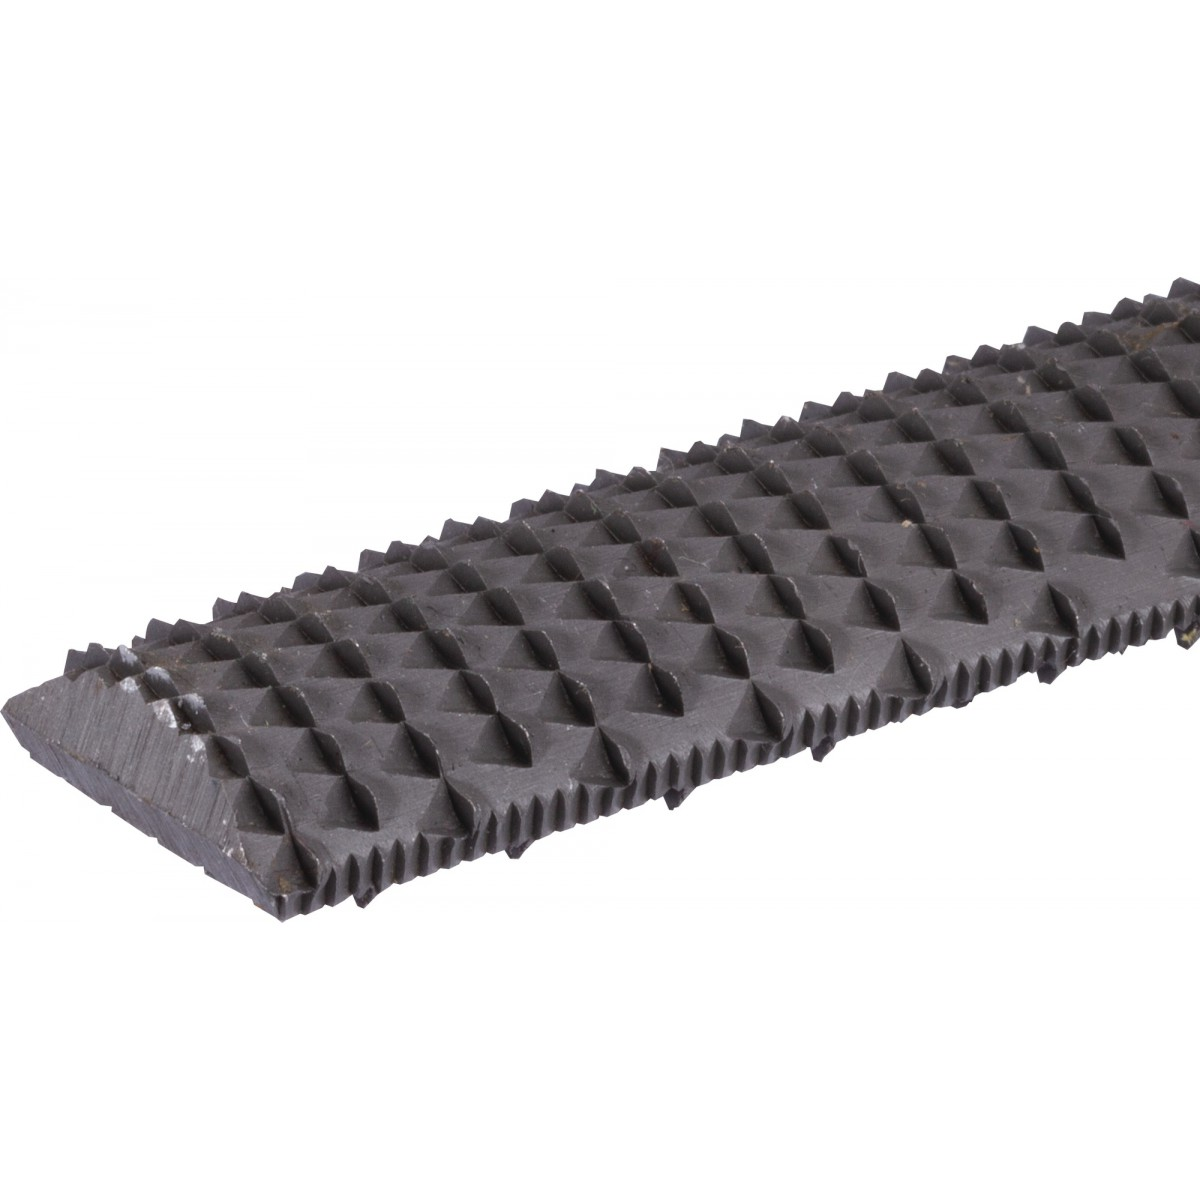 Râpe demi-ronde grosse - 250 mm - Manche plastique - Mob